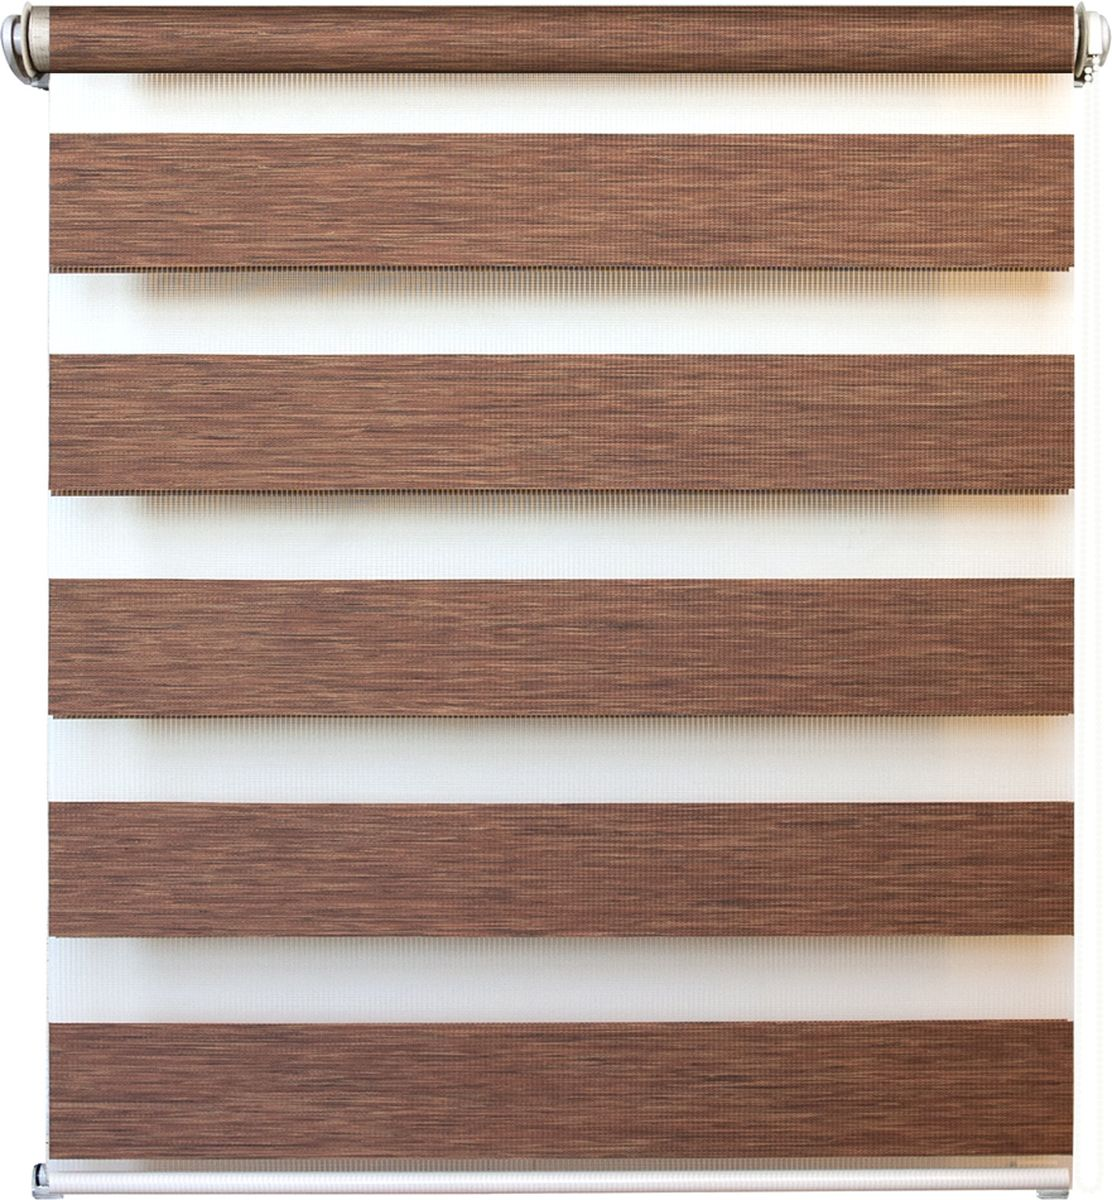 Штора рулонная день/ночь Уют Канзас, цвет: коричневый, 60 х 160 см62.РШТО.8922.060х160Штора рулонная день/ночь Уют Канзас выполнена из прочного полиэстера, в котором чередуются полосы различной плотности и фактуры. Управление двойным слоем ткани с помощью цепочки позволяет регулировать степень светопроницаемости шторы. Если совпали плотные полосы, то прозрачные будут открыты максимально. Это положение шторы называется День. Максимальное затемнение помещения достигается при полном совпадении полос разных фактур. Это положение шторы называется Ночь. Конструкция шторы также позволяет полностью свернуть полотно, обеспечив максимальное открытие окна. Рулонная штора - это разновидность штор, которая закрывает не весь оконный проем, а непосредственно само стекло. Такая штора очень компактна, что помогает сэкономить пространство. Универсальная конструкция позволяет монтировать штору на стену, потолок, деревянные или пластиковые рамы окон. В комплект входят кронштейны и нижний утяжелитель. Возможна установка с управлением цепочкой как справа, так и слева. Такая штора станет прекрасным элементом декора окна и гармонично впишется в интерьер любого помещения. Классический дизайн подойдет для гостиной, спальни, кухни, кабинета или офиса.